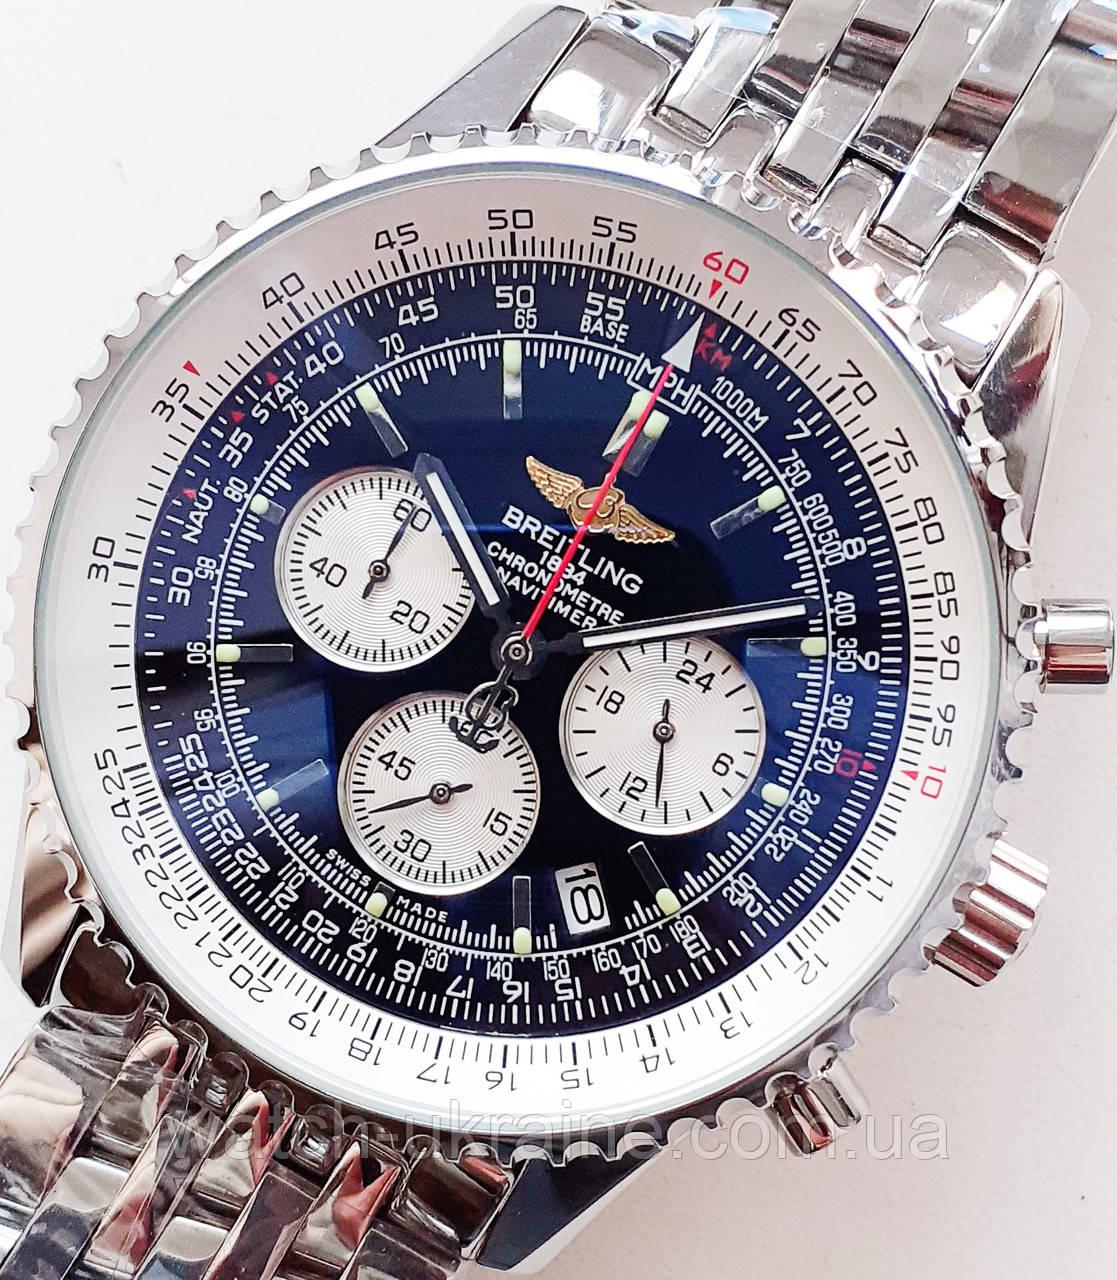 Стоимость брайтлинг часы стоимость администратора системного часа средняя работы